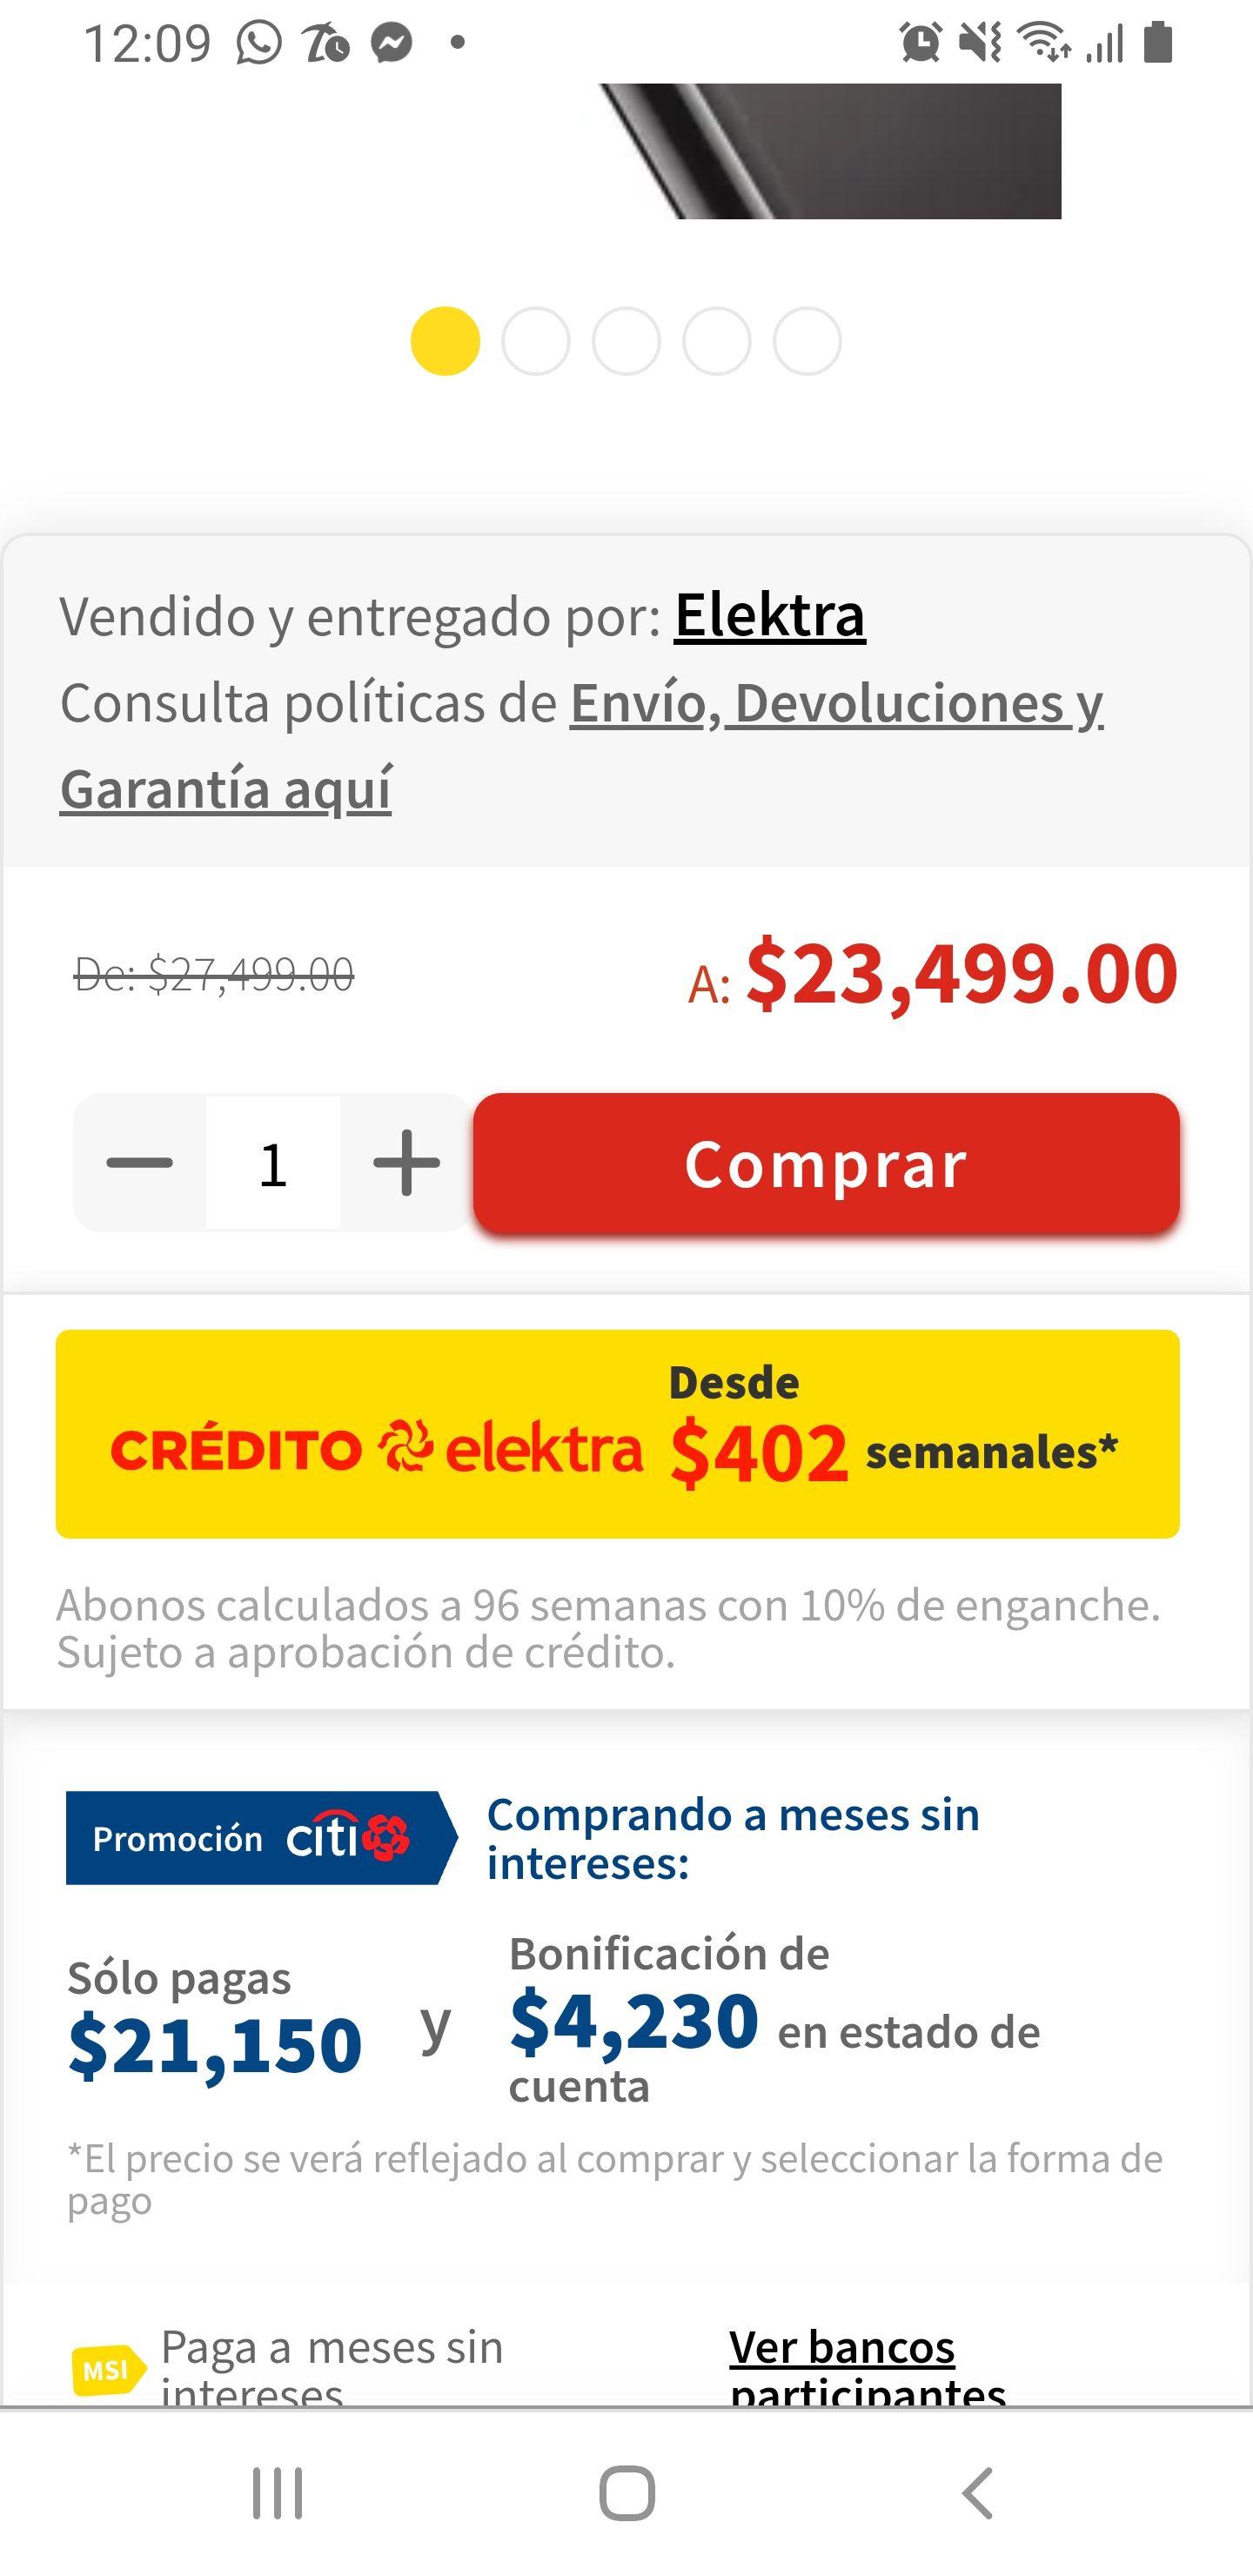 Elektra: iPhone 11 pro Max de 64 gb desbloqueado pagando con CitiBanamex o con crédito elektra